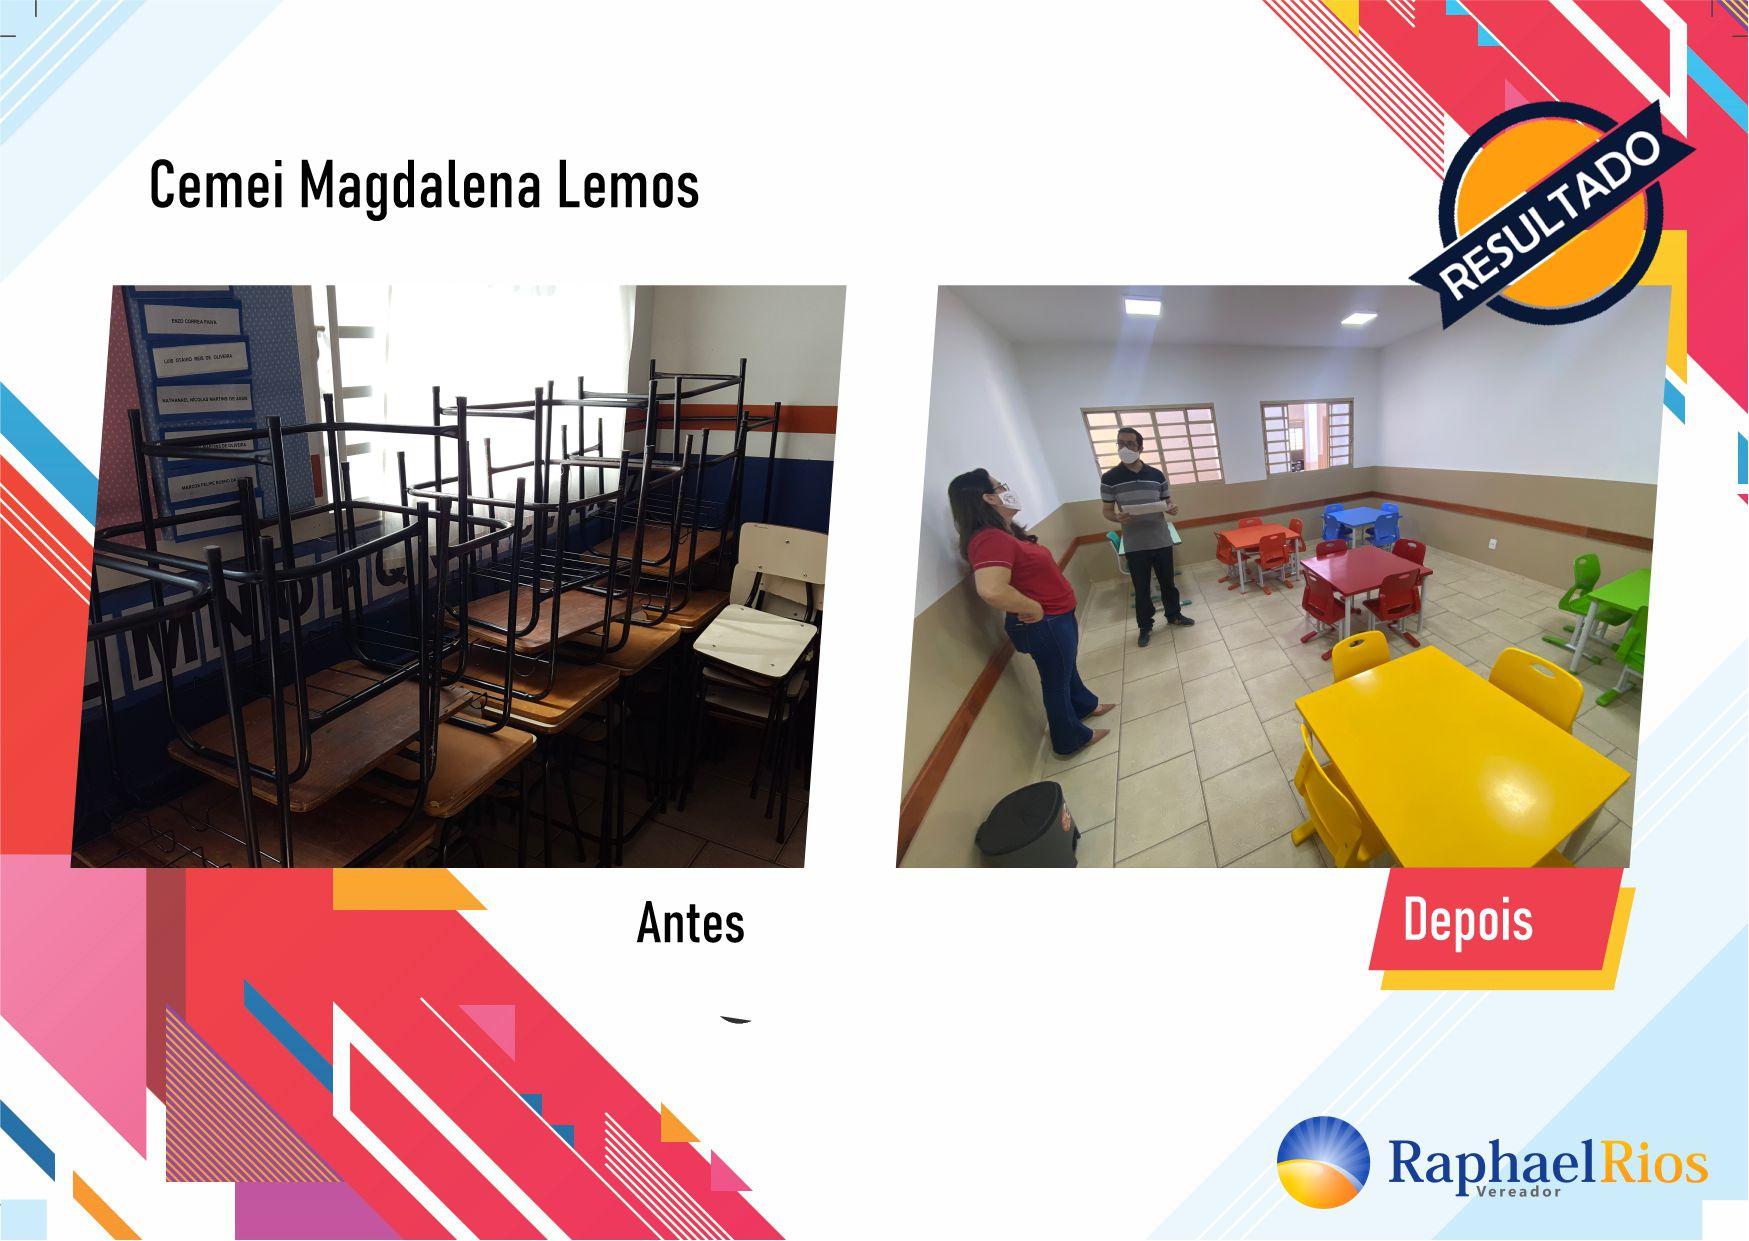 Após fiscalização, Raphael Rios confere reforma geral do Cemei Magdalena Lemos 12